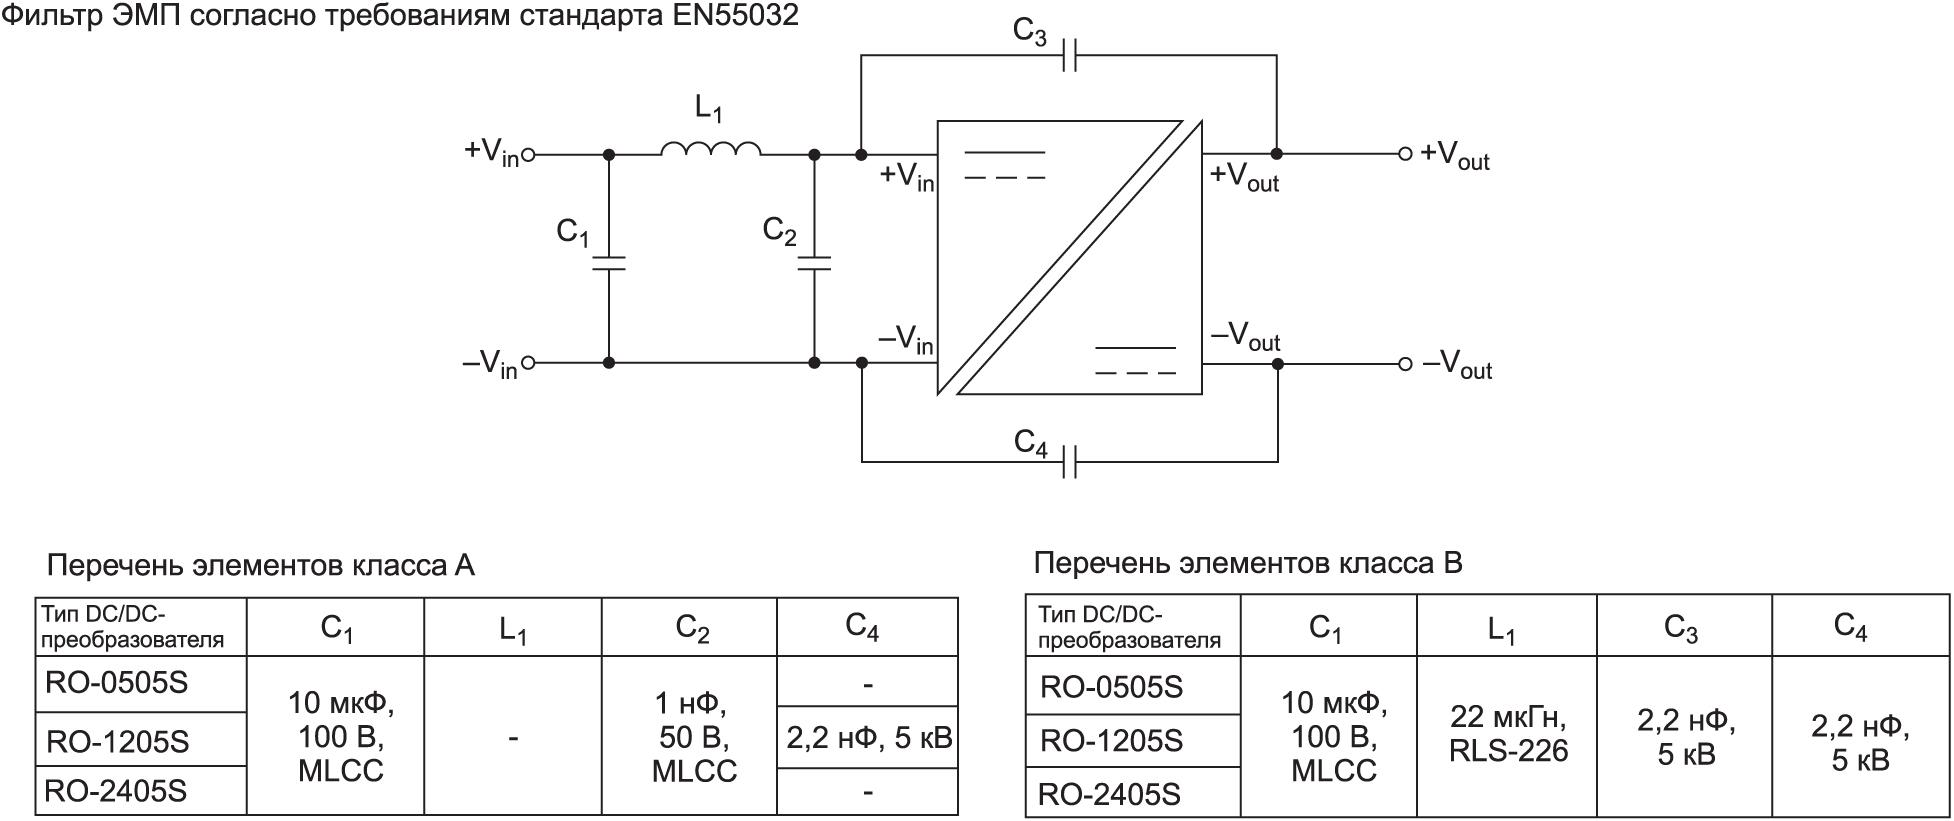 Типичный входной фильтр для подавления ЭМП, обеспечивающий соответствие требованиям DC/DC-преобразователя к ЭМС